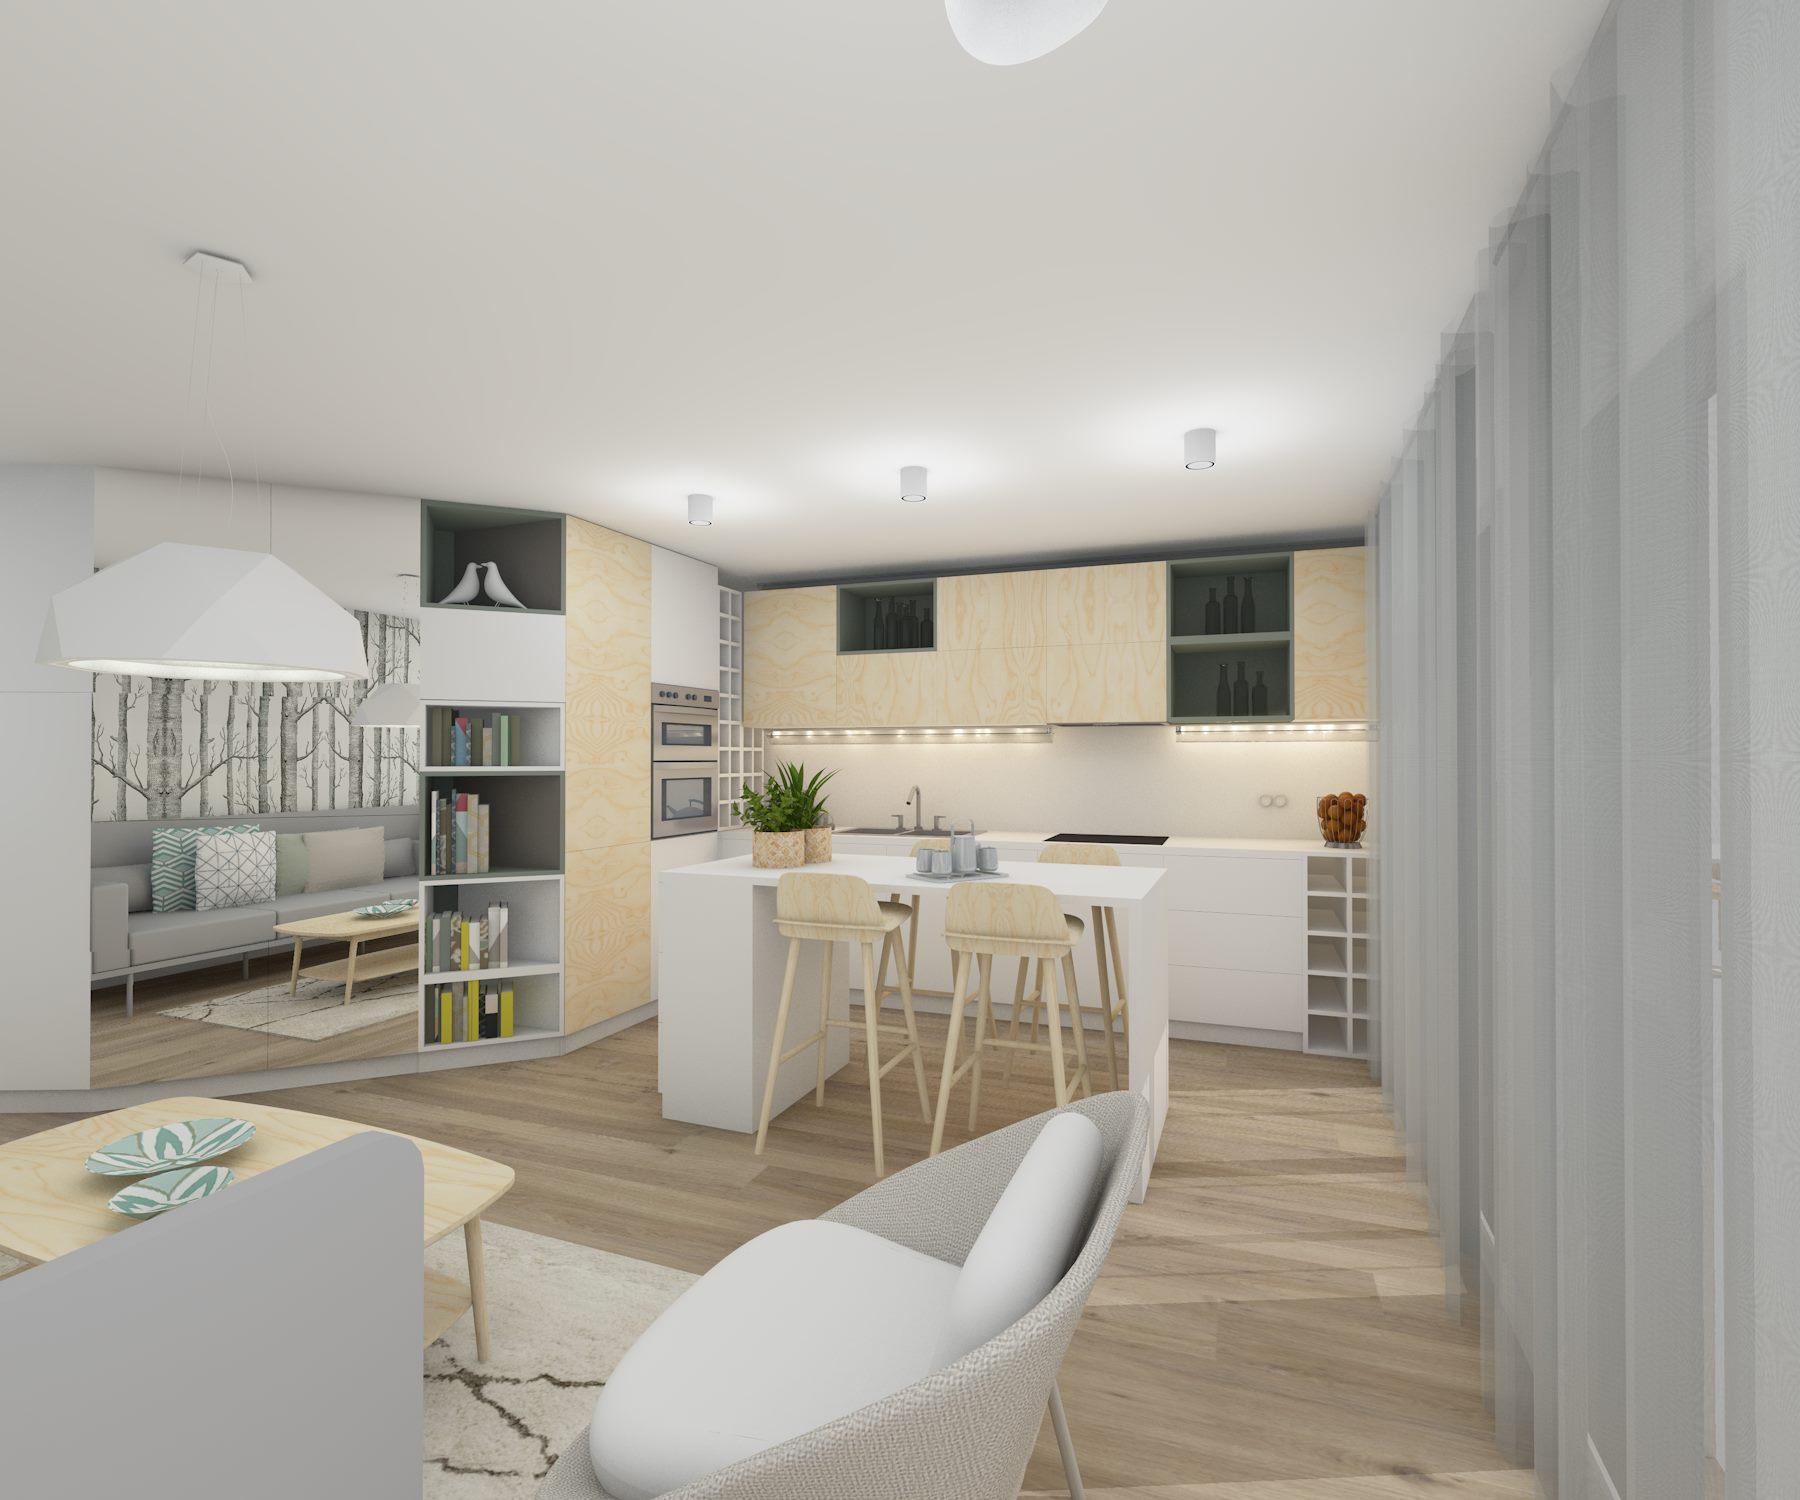 Architecte Interieur Paris 18 em-architecte | paris 18 / etude 1